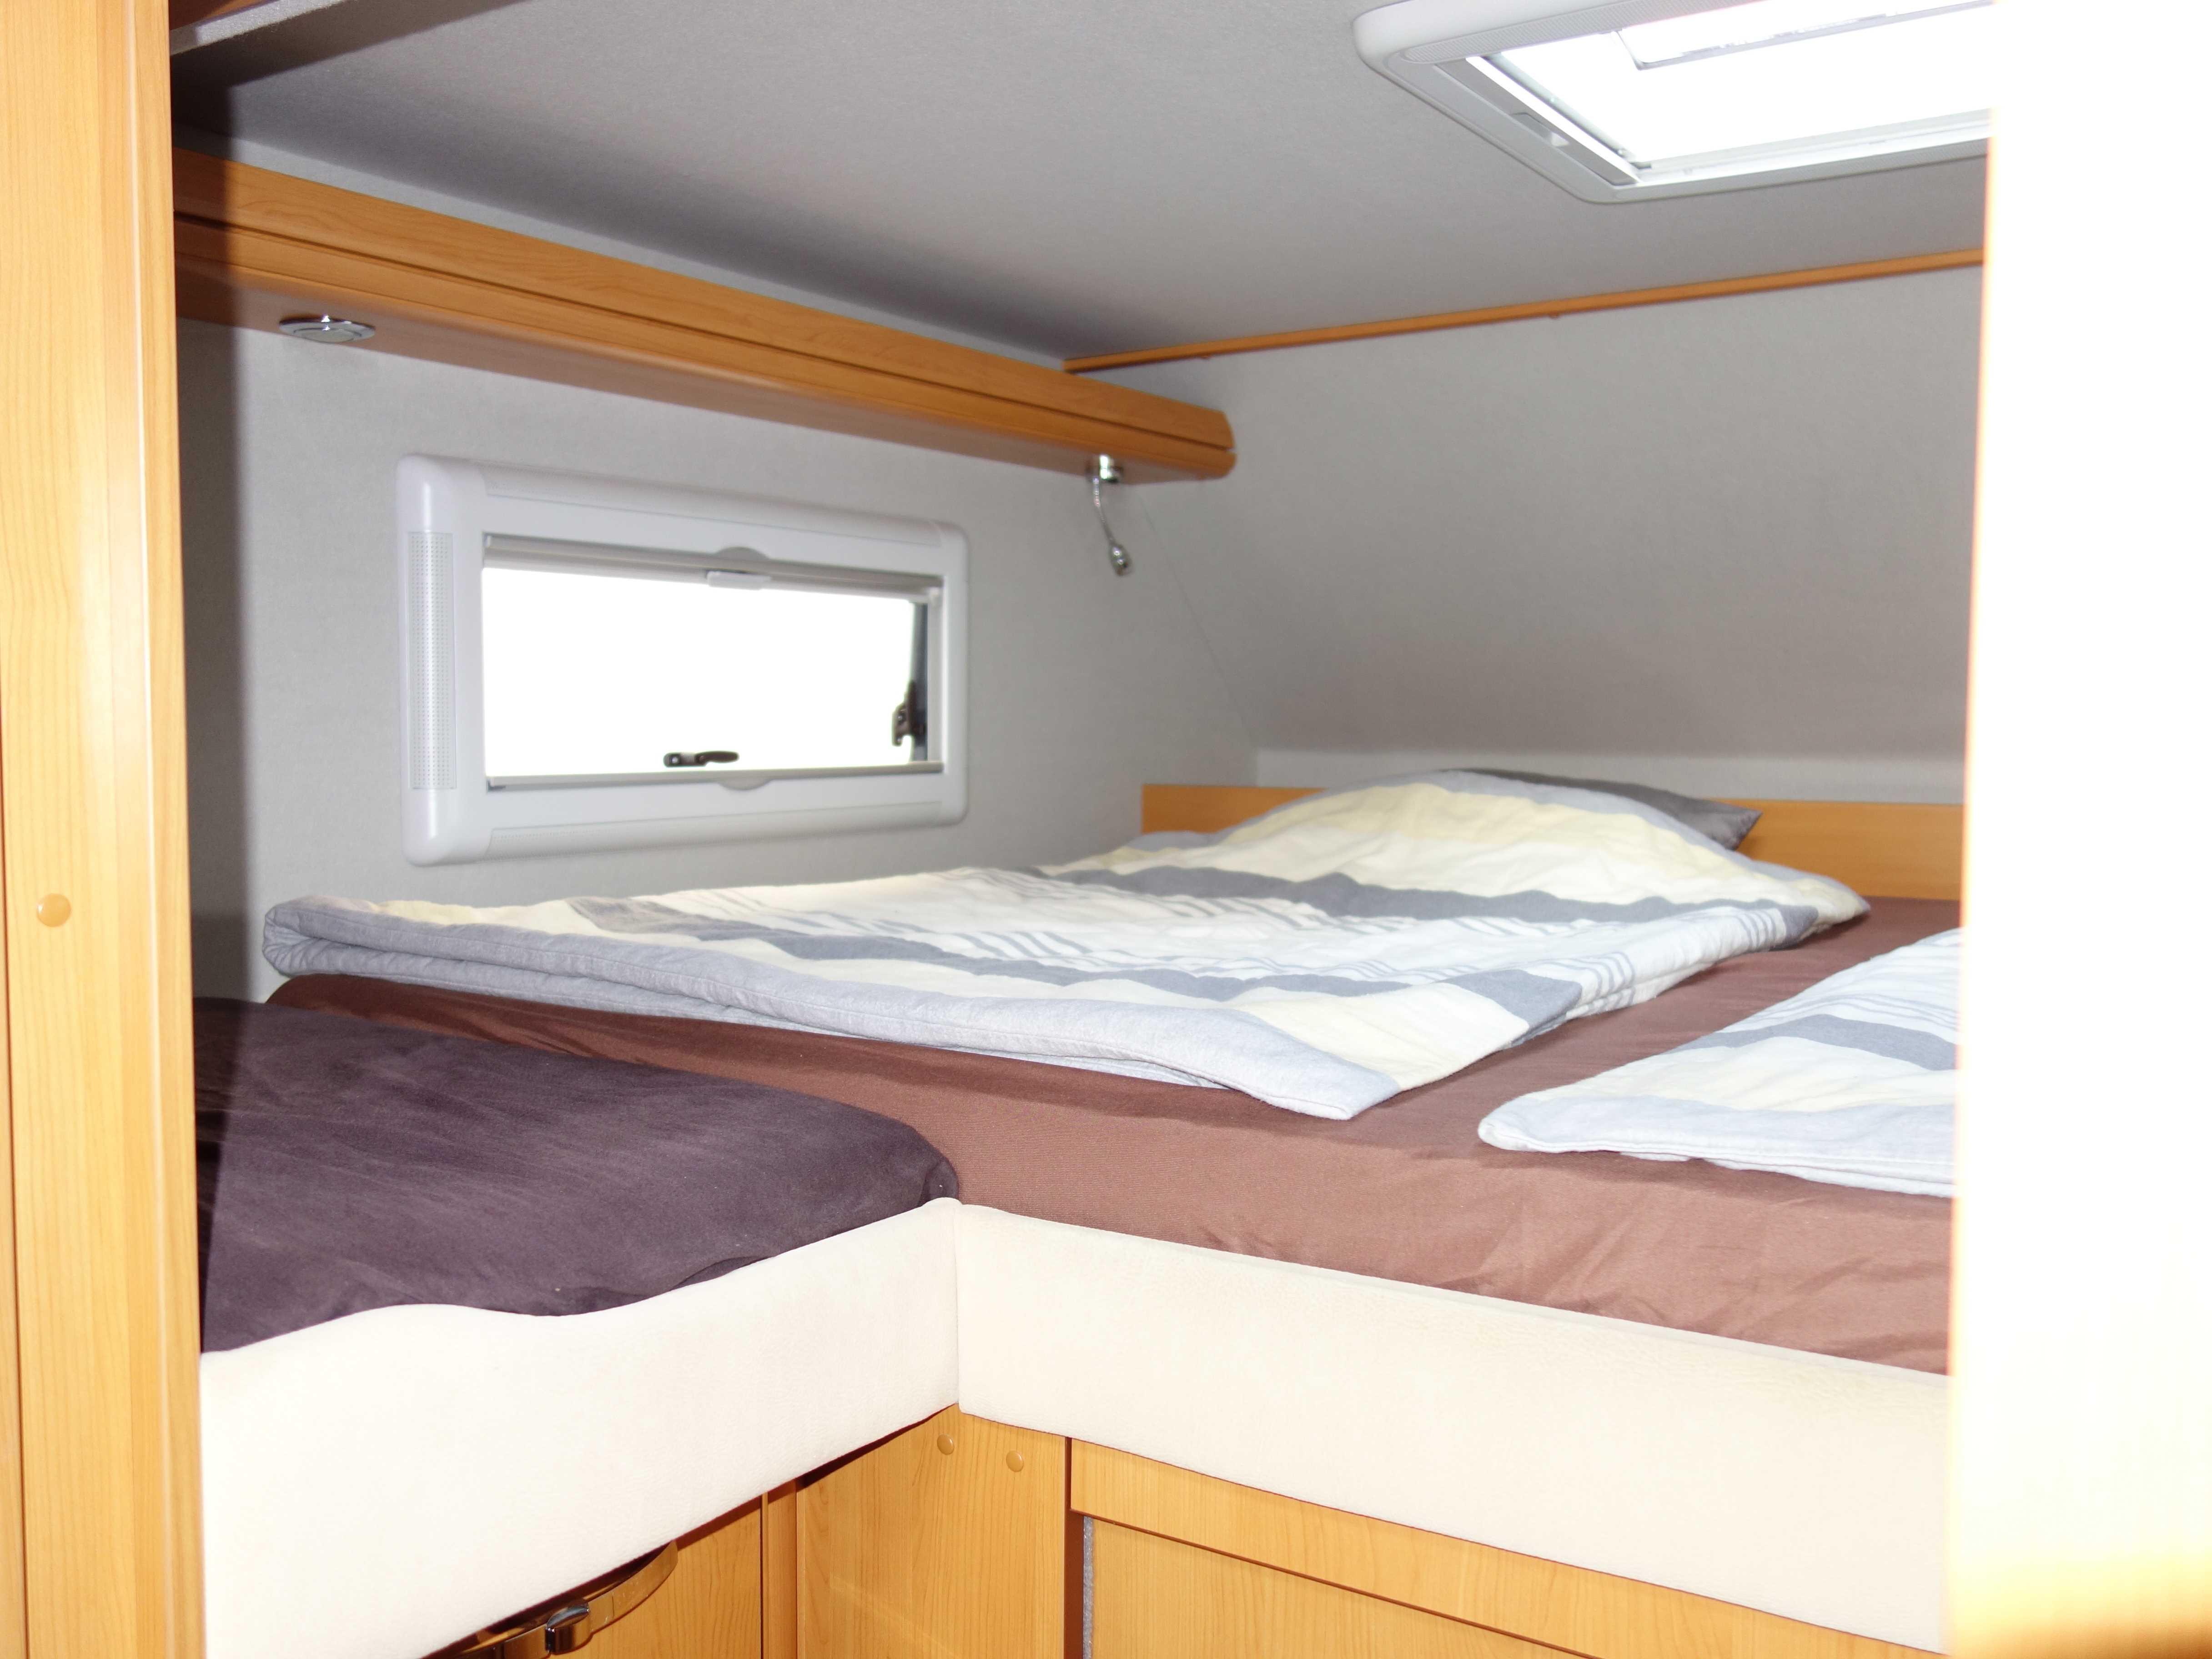 PhoeniX 8000 Betten